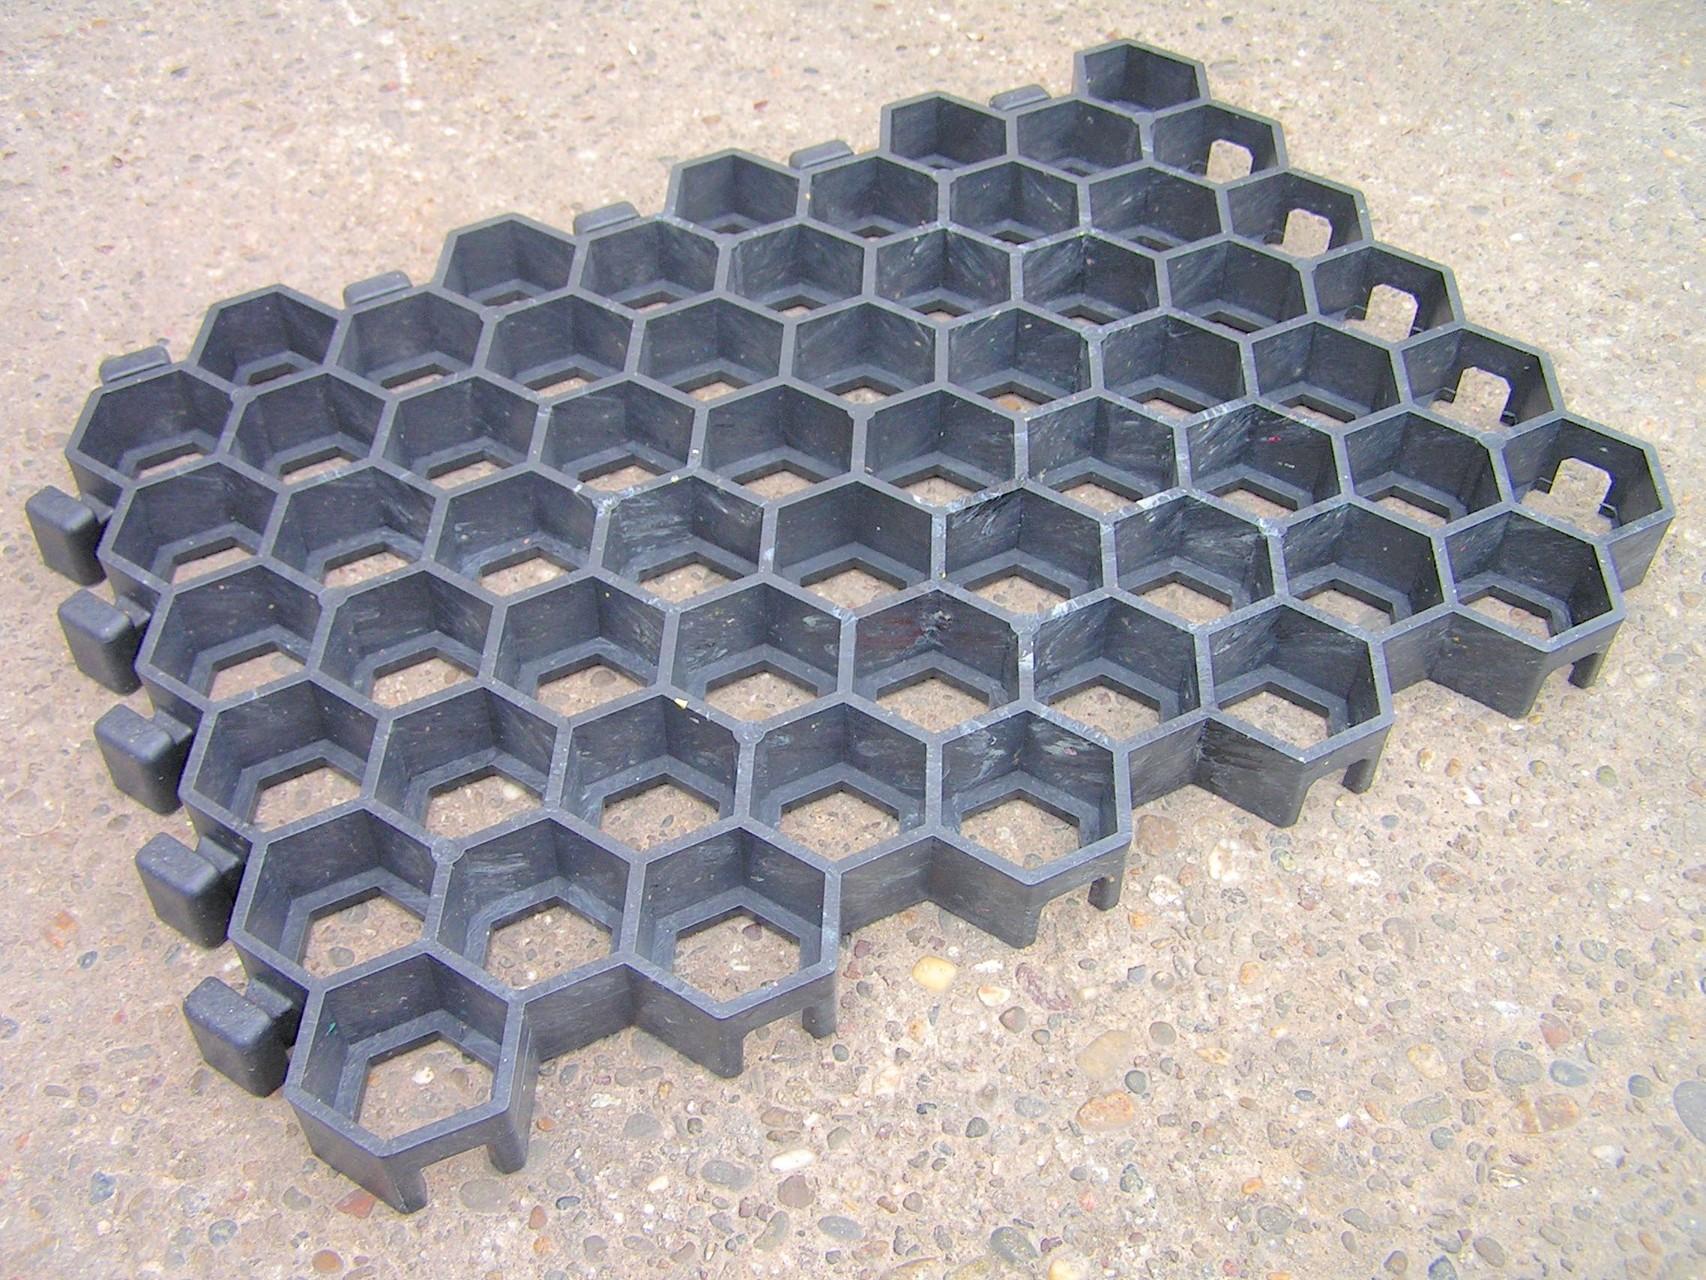 rasengitter plastik rasengitter typ rotec rasengitter eco. Black Bedroom Furniture Sets. Home Design Ideas